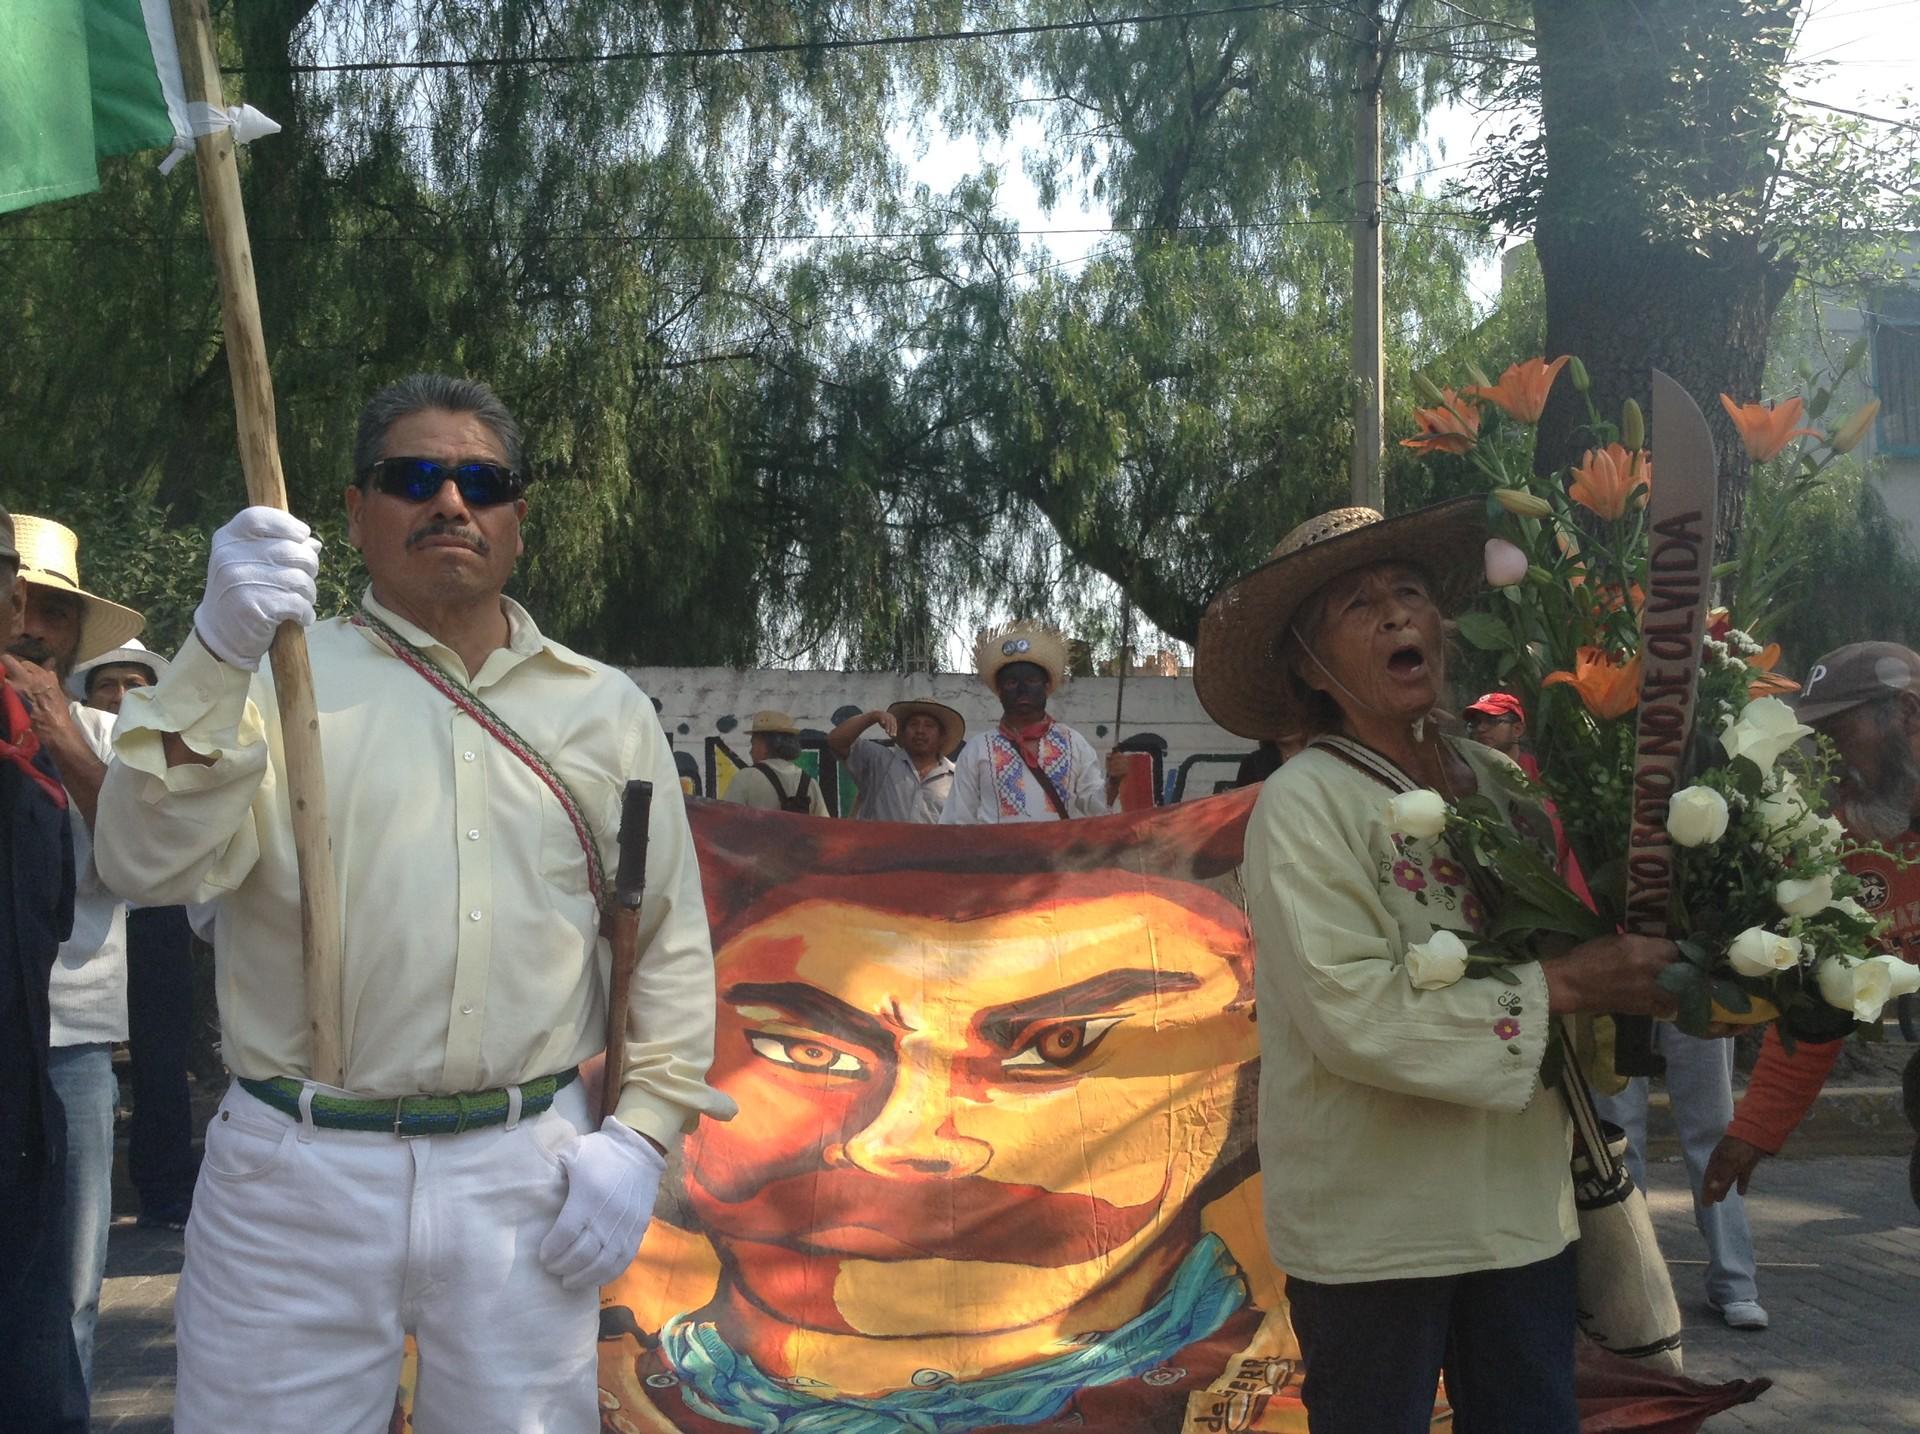 Recuerdan los 10 años de la represión en Atenco